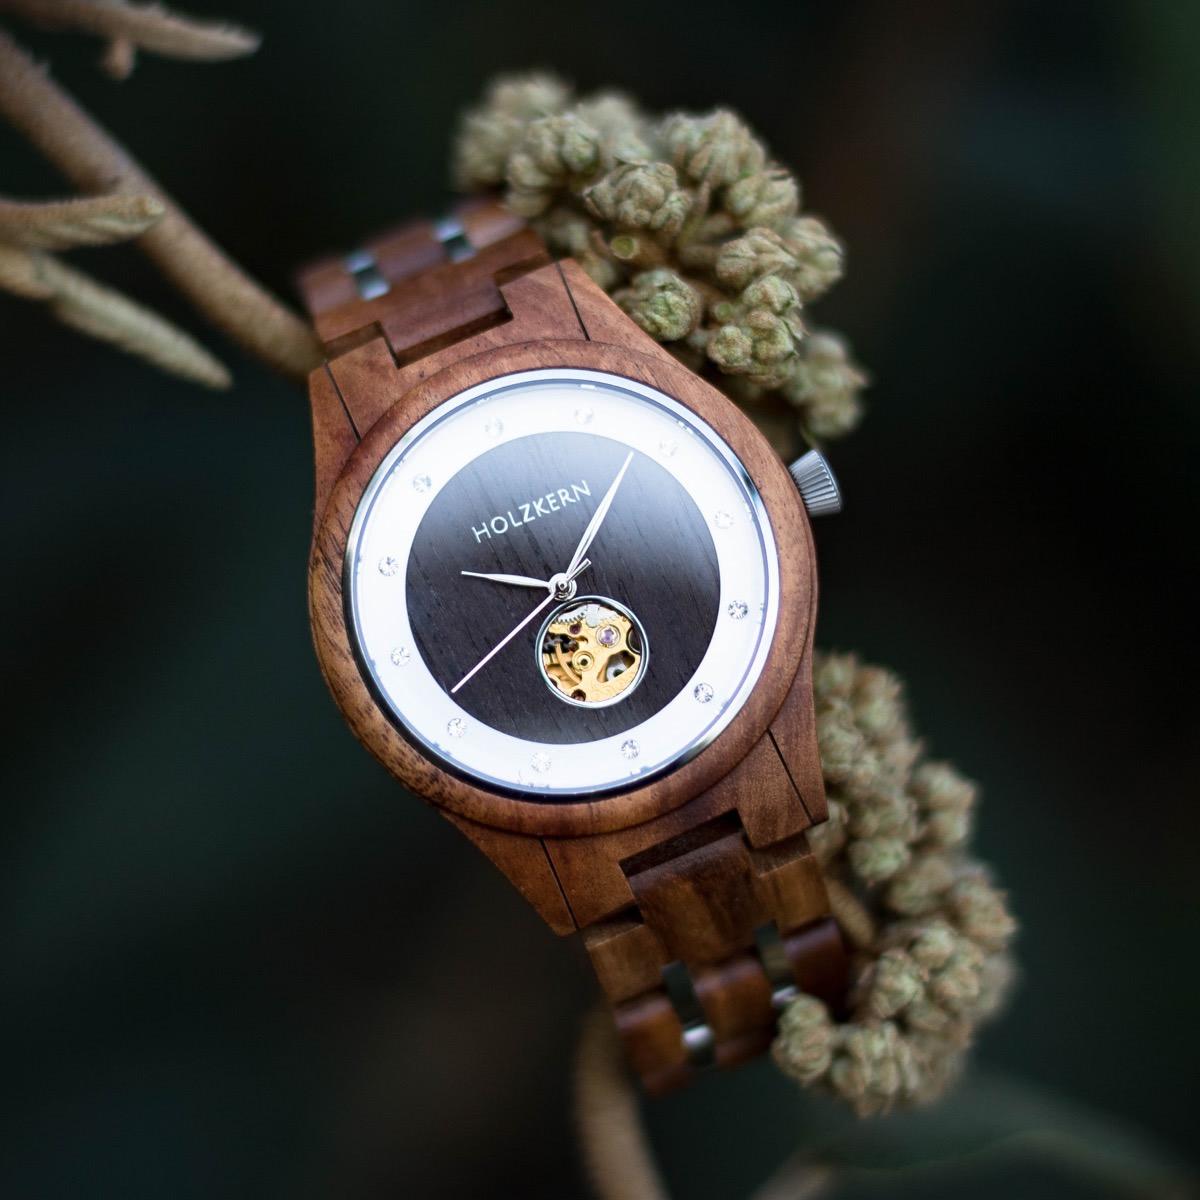 Damen-Holzuhr von Holzkern namens Gretel aus Walnuss und Leadwood mit mechanischem Uhrwerk mit Blüten im Hintergrund